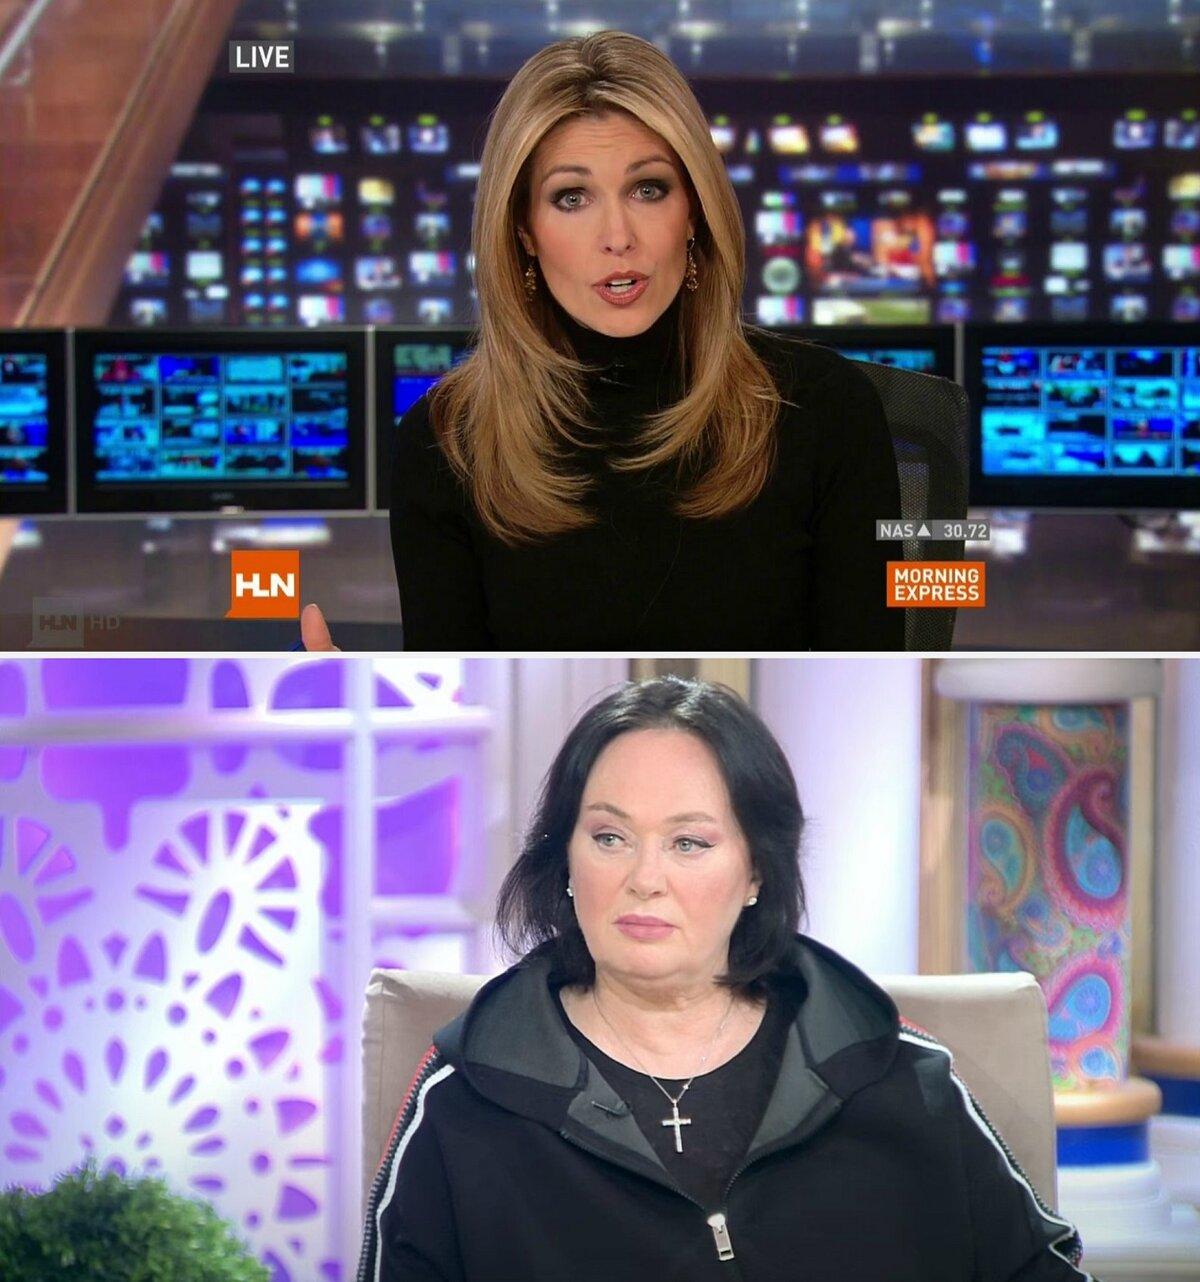 Сравните: ведущая телеканала CNN и ведущая Первого канала